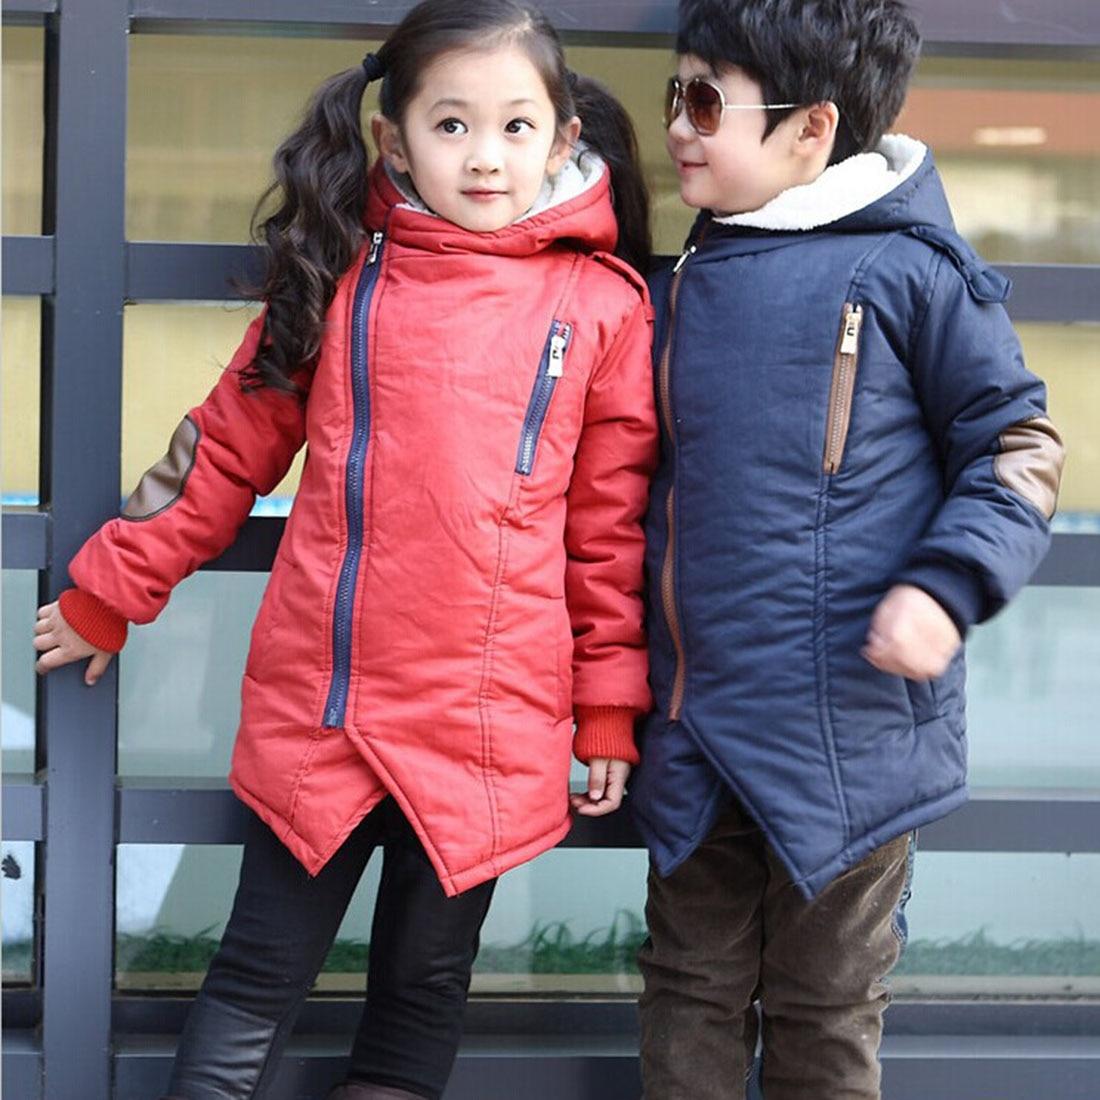 Yeni Marka Sonbahar Kış çocuk Moda Rahat Ceketler Erkek Kız Kaşmir Uzun Kollu Kapüşonlu Mont Çocuklar Sıcak Giyim Snowsuit